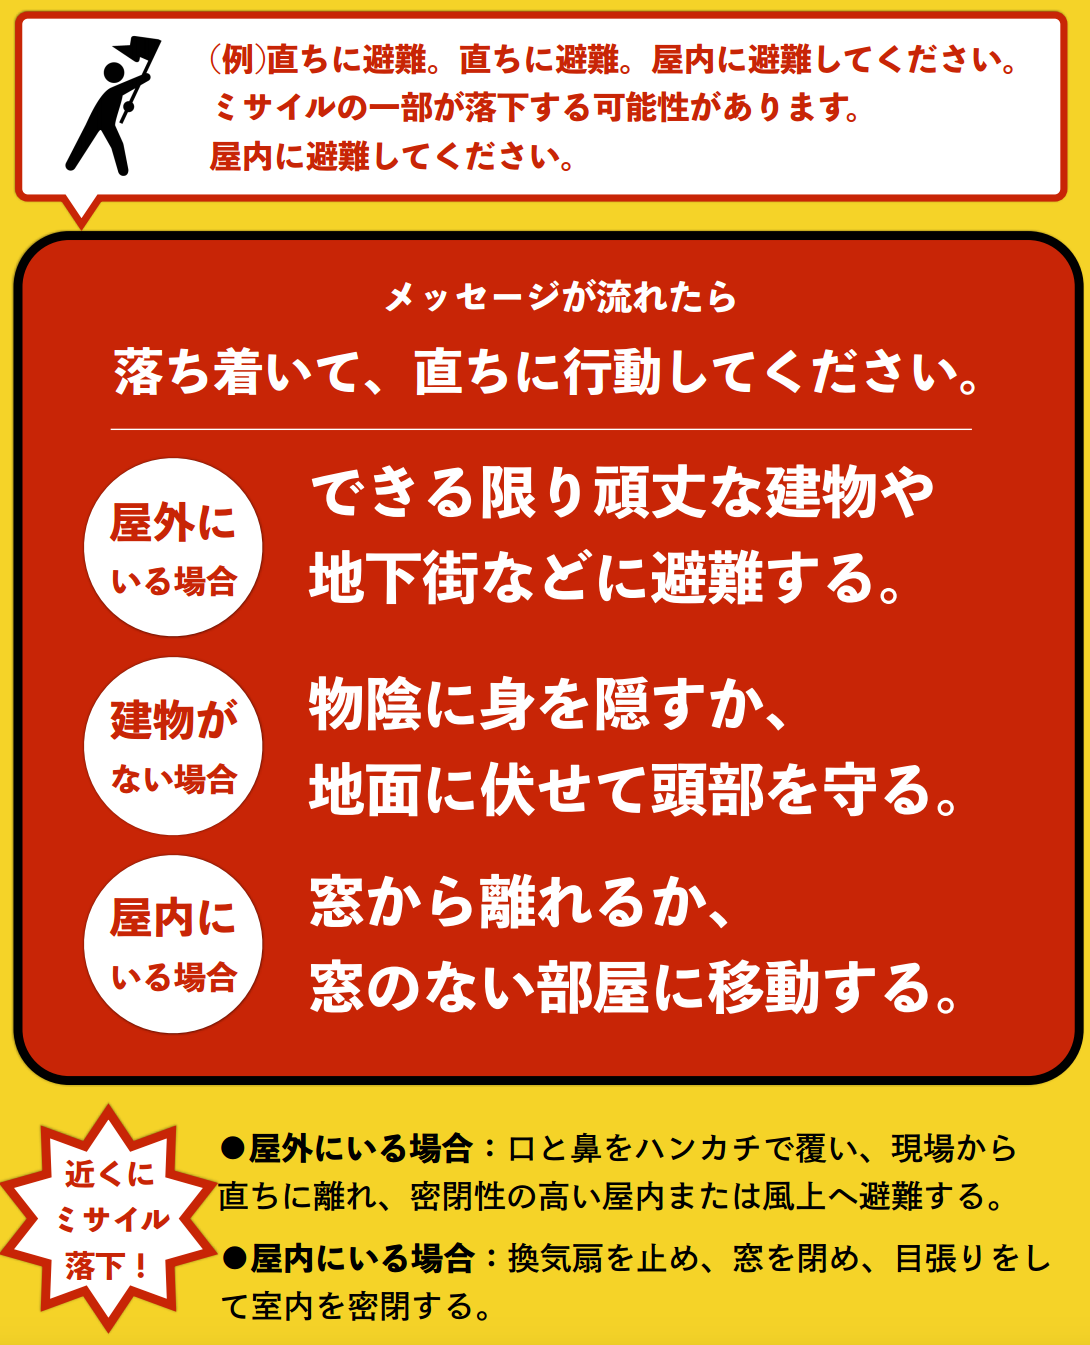 内閣官房 国民保護ポータルサイト 2